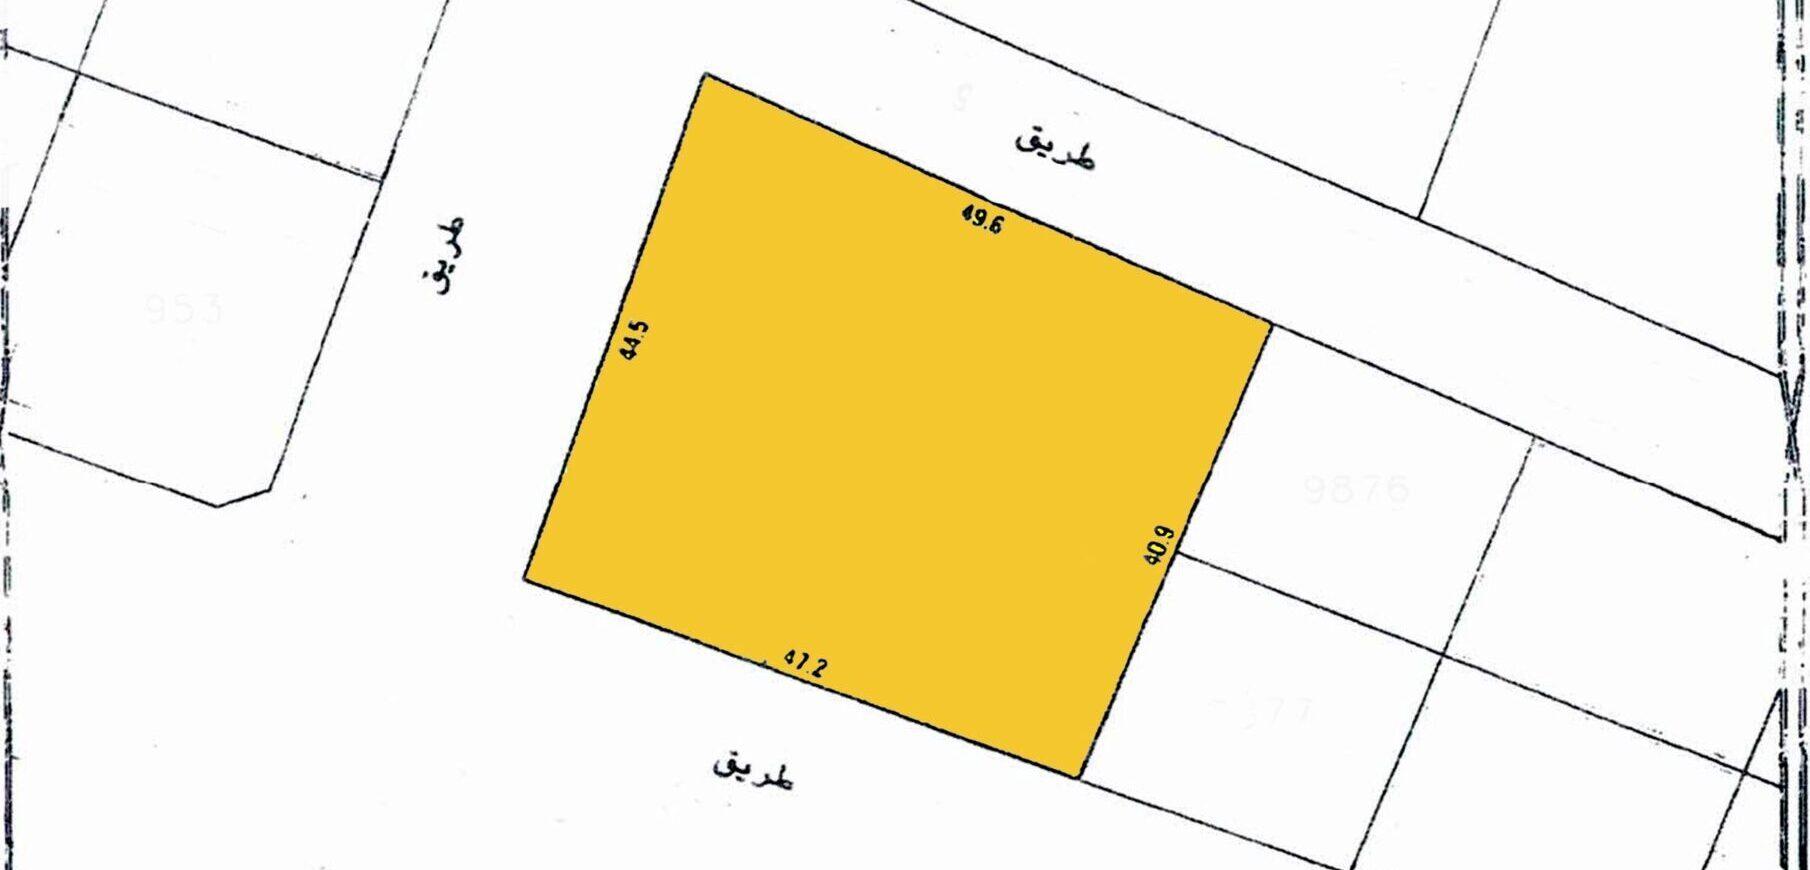 للبيع أرض سكني خاص ( أ ) بمنطقة مدينة عيسى